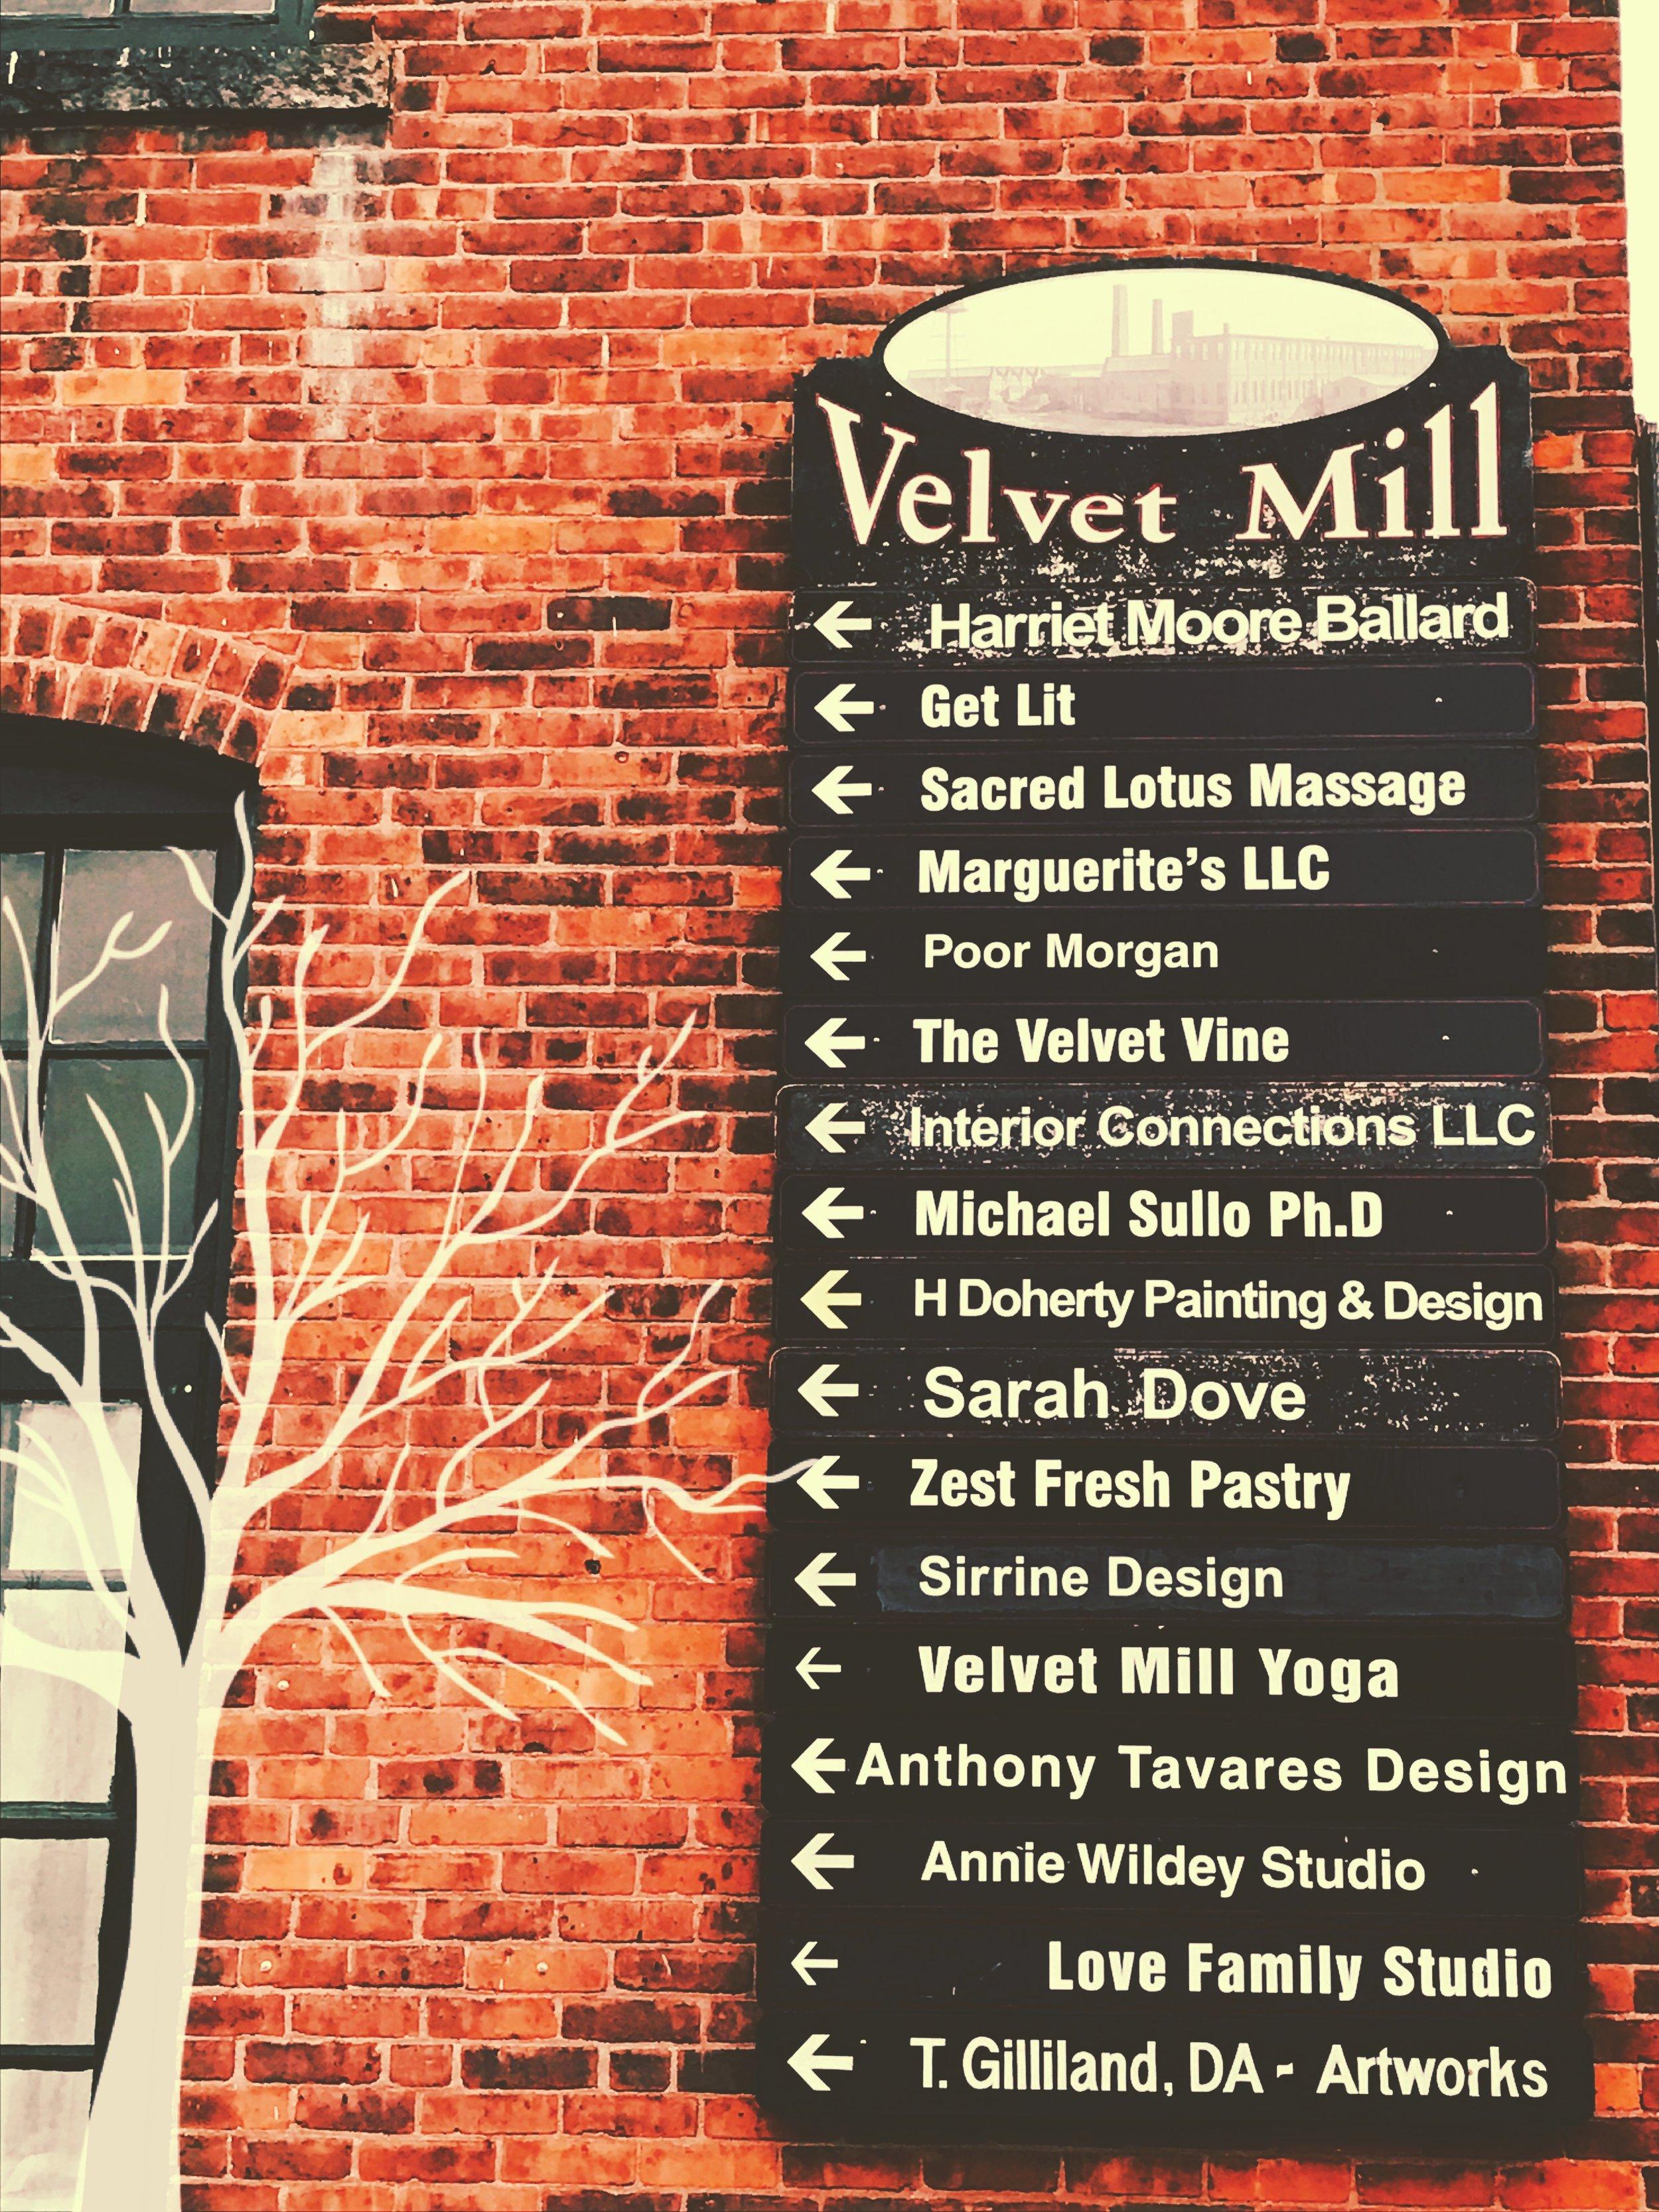 SL velvet mill sign.jpg